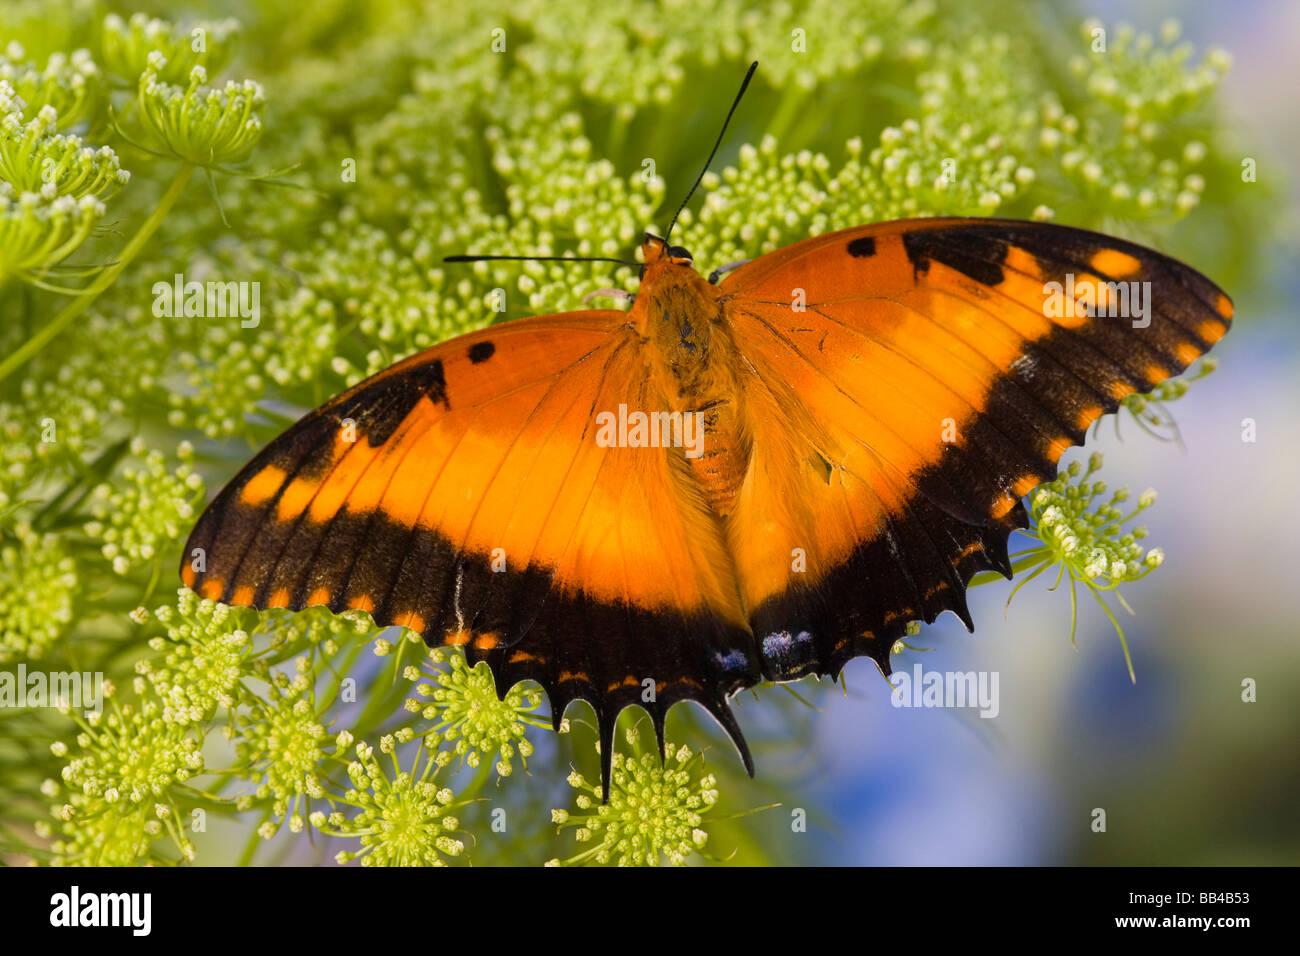 Bộ sưu tập cánh vẩy 4 - Page 23 Sammamish-washington-tropical-butterflies-photograph-of-charaxes-pollux-BB4B53